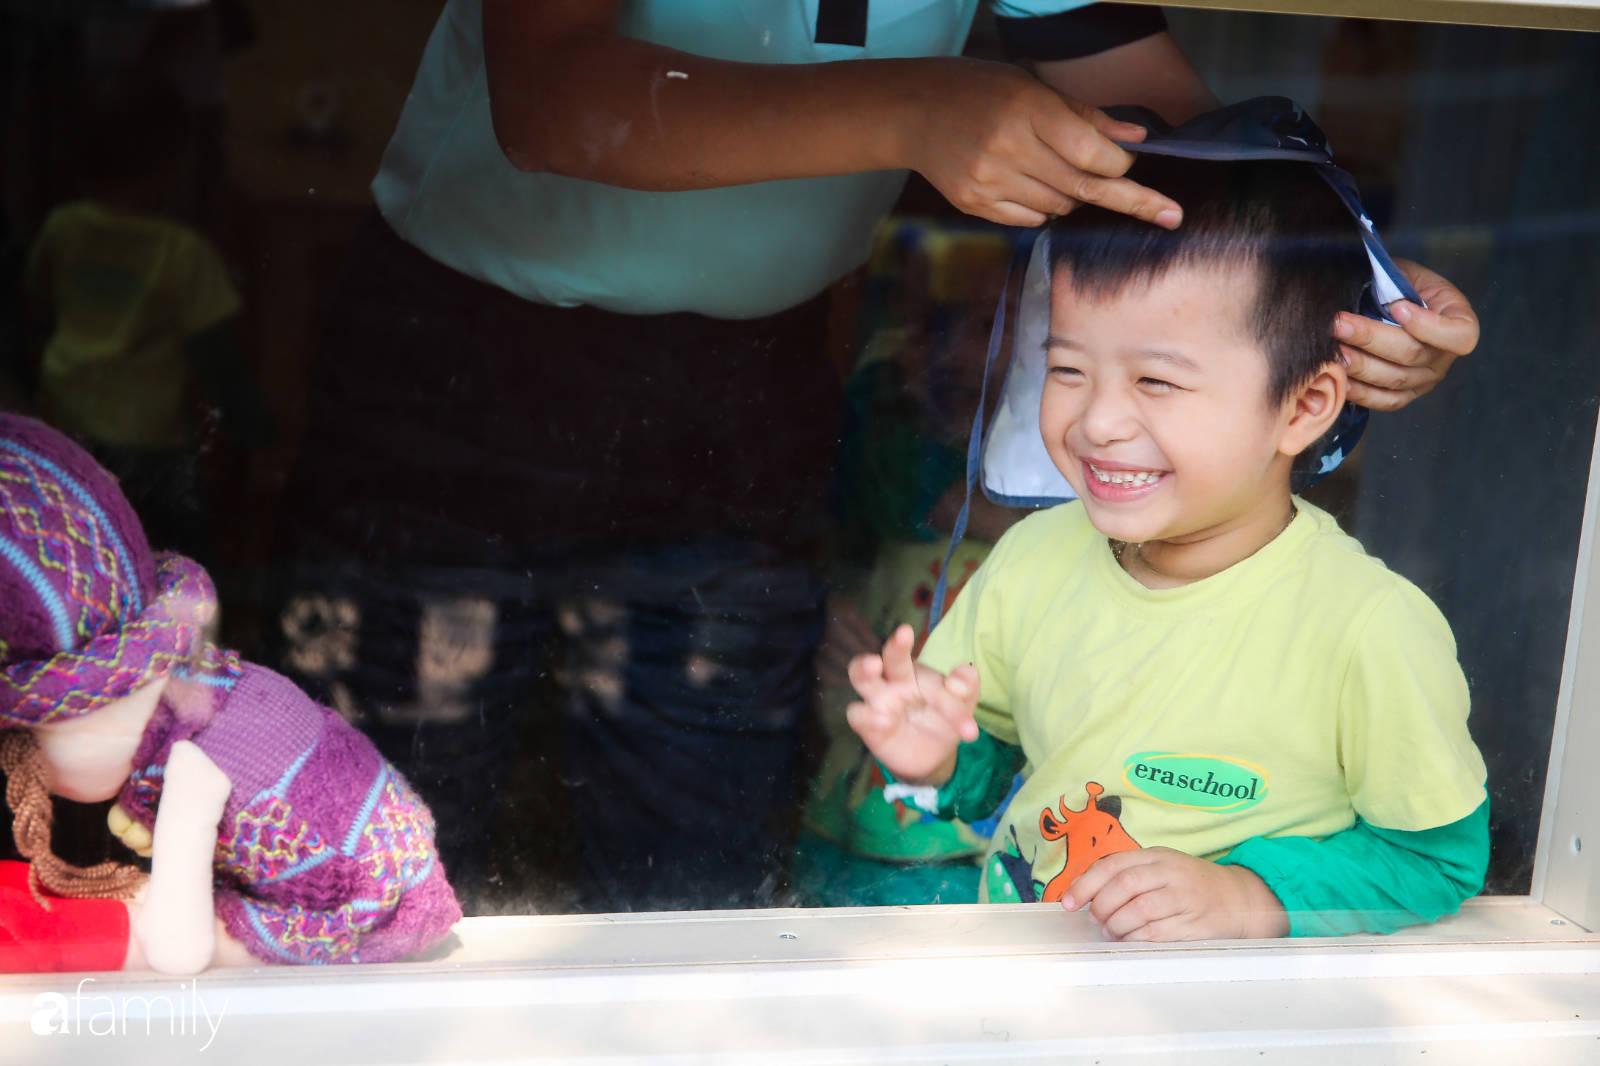 Ghé thăm trường mầm non sinh thái đầu tiên tại Hà Nội, nơi các con tự khám phá cuộc sống bằng tất cả giác quan - Ảnh 12.